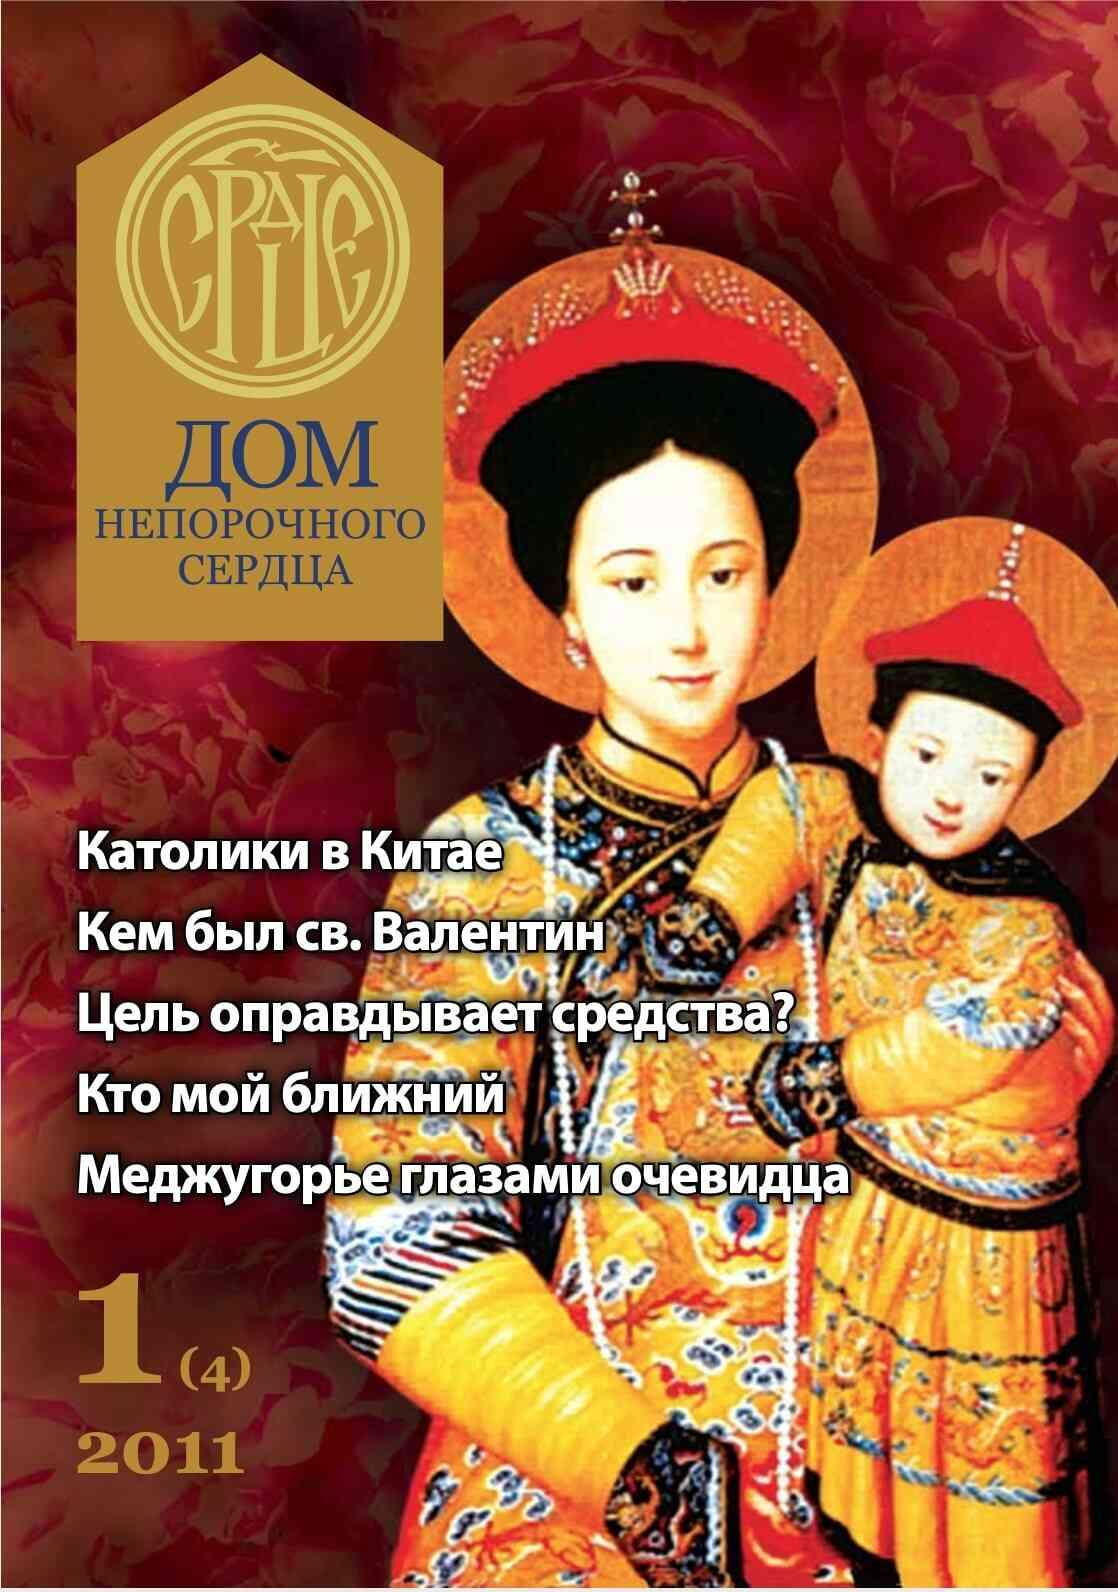 Журнал «Дом Непорочного Сердца» № 1 (4) 2011 год